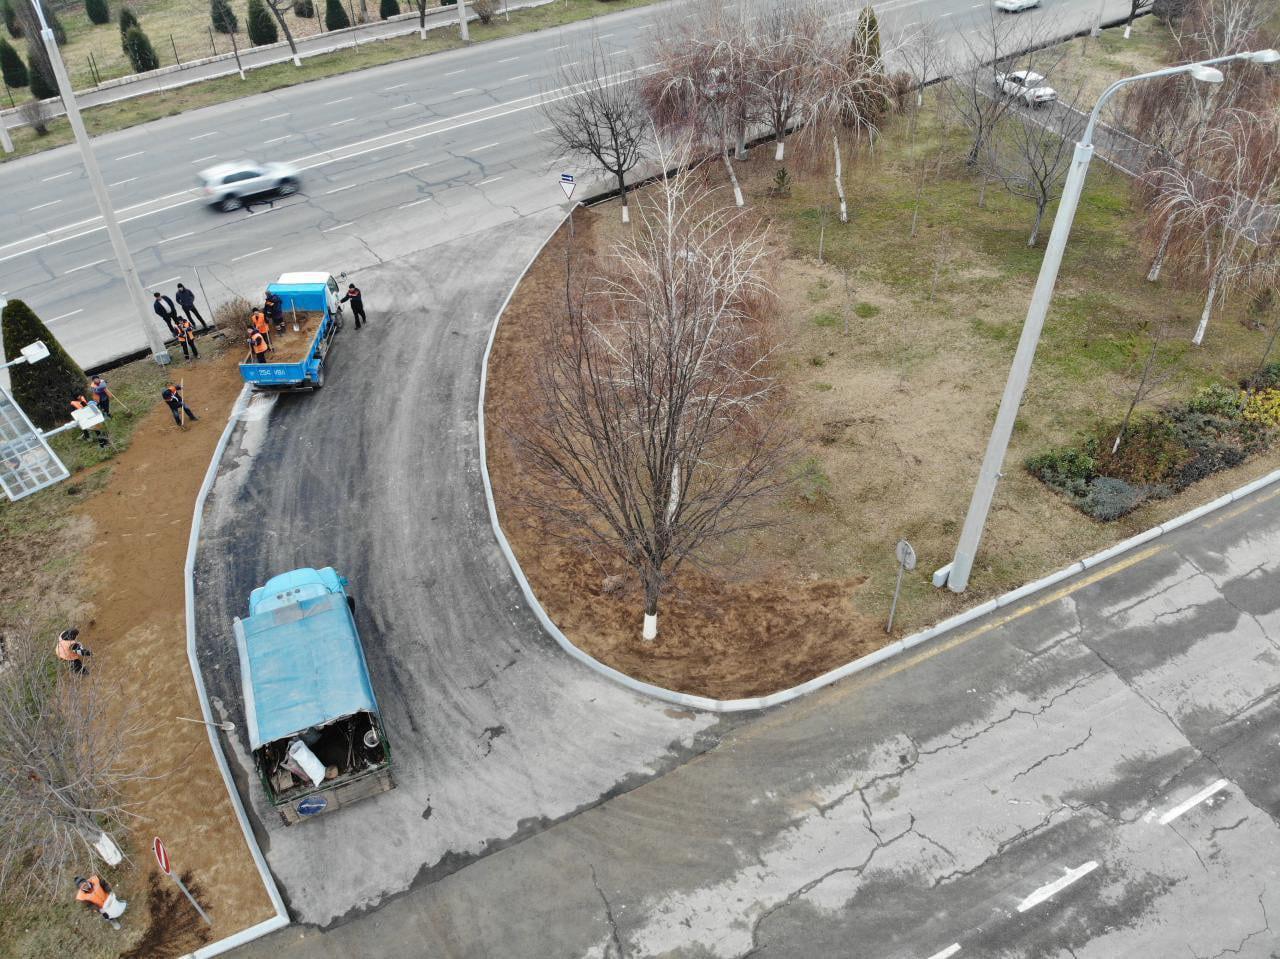 Дорожные службы открыли разворот с улицы Мовароуннахр на улицу Абдуллы Кадыри в районе «старого ТашМИ».